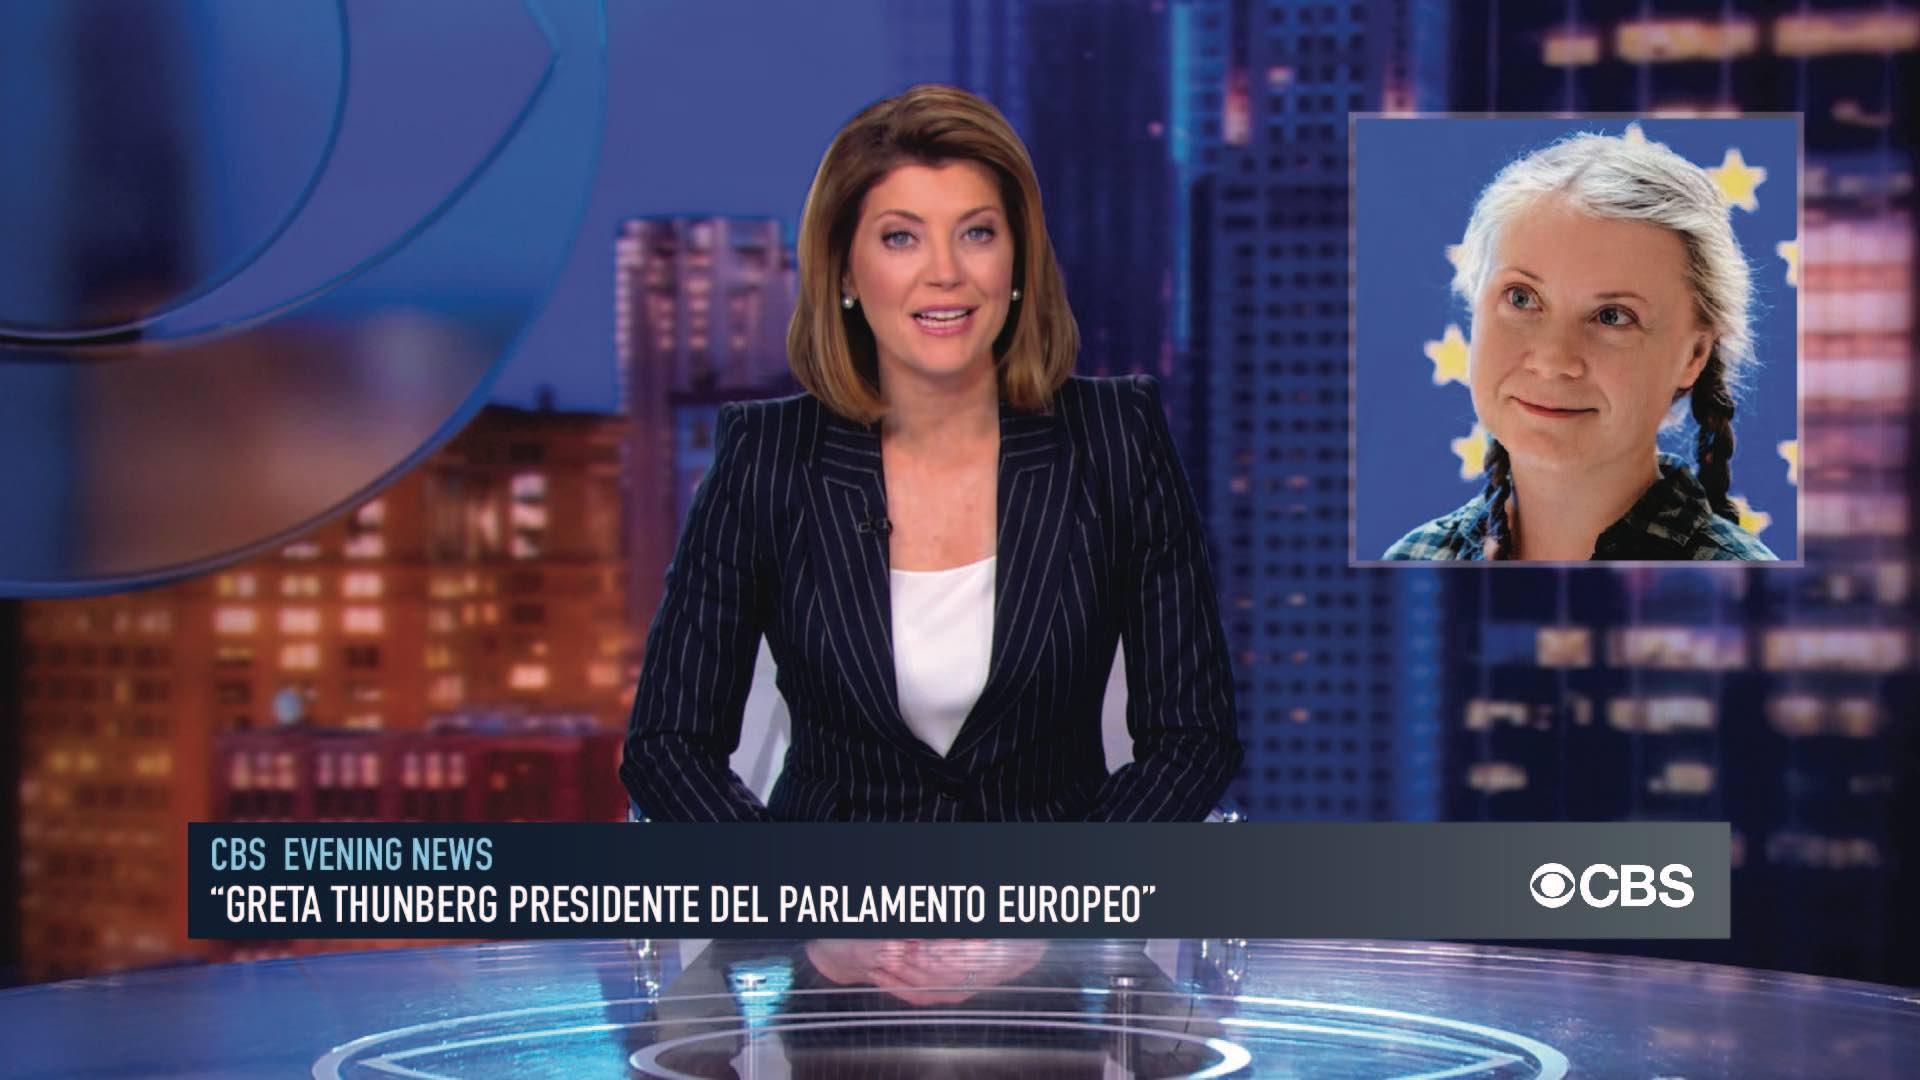 Greta Thunberg dalle piazze alla presidenza del Parlamento Europeo